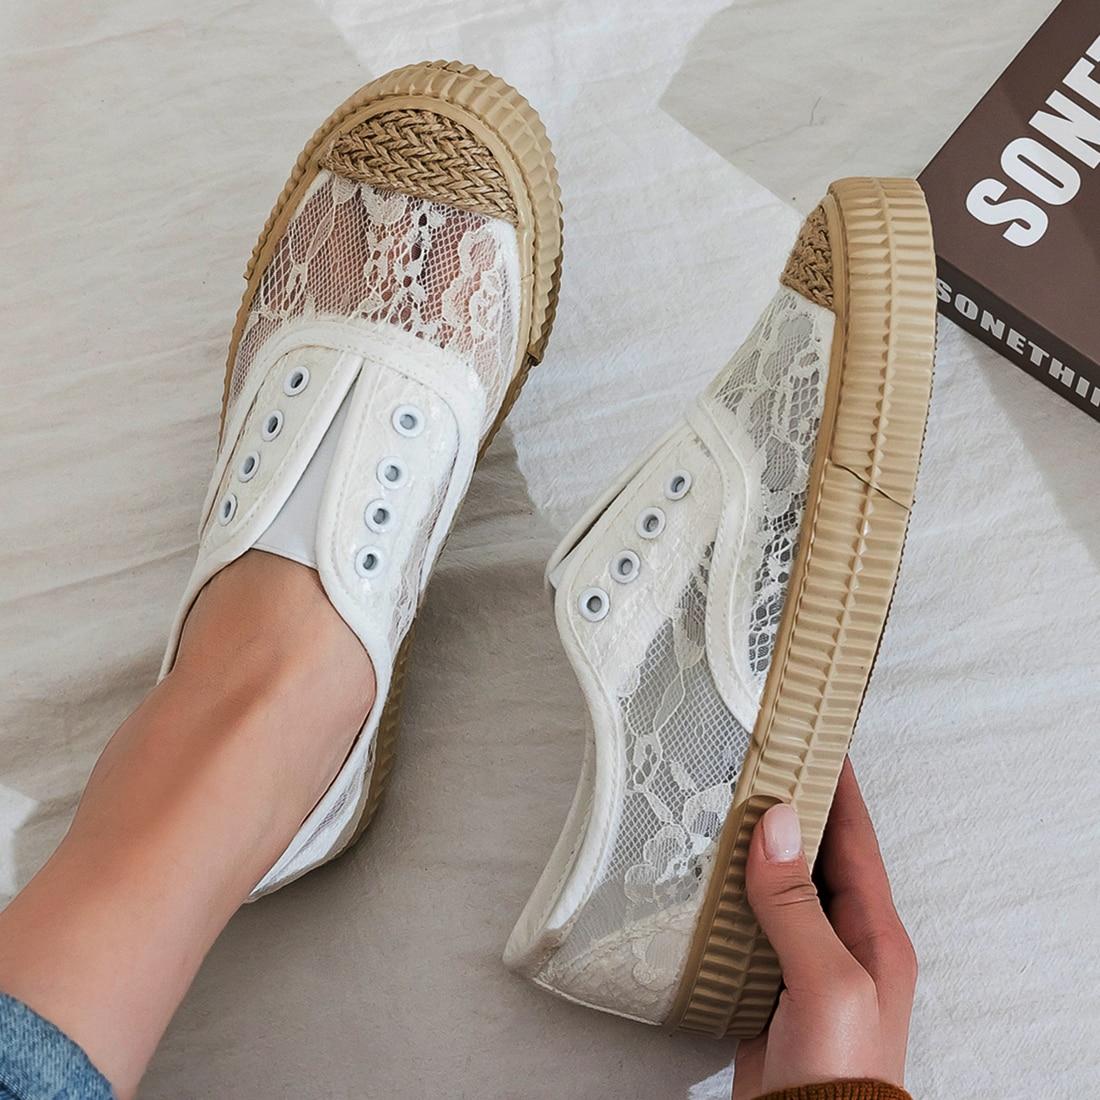 Кроссовки женские на платформе, Вулканизированная подошва, эспадрильи, повседневная обувь для ходьбы, корейский стиль, плоская подошва, бел...